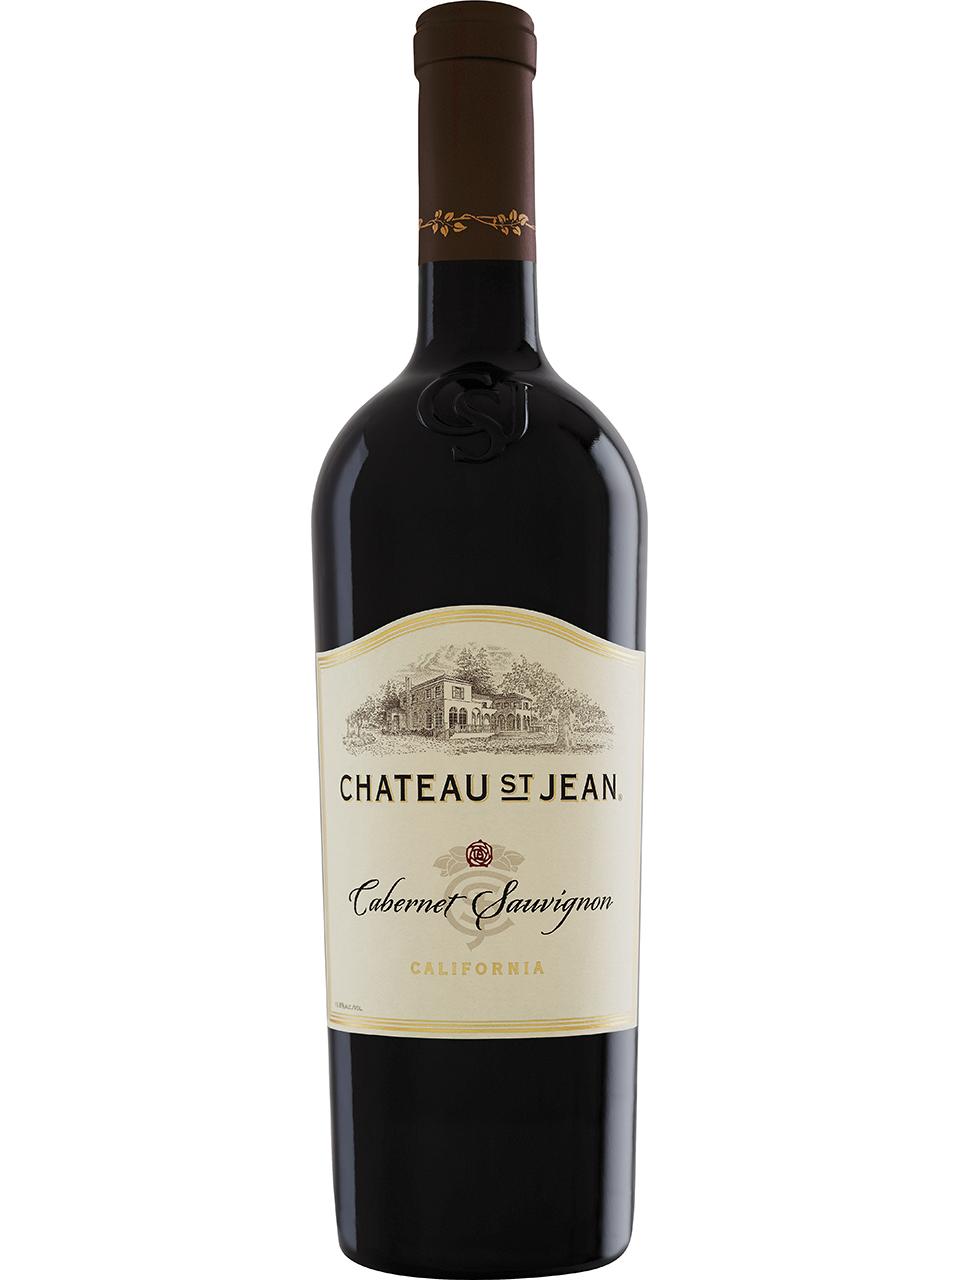 Chateau St.Jean California Cabernet Sauvignon